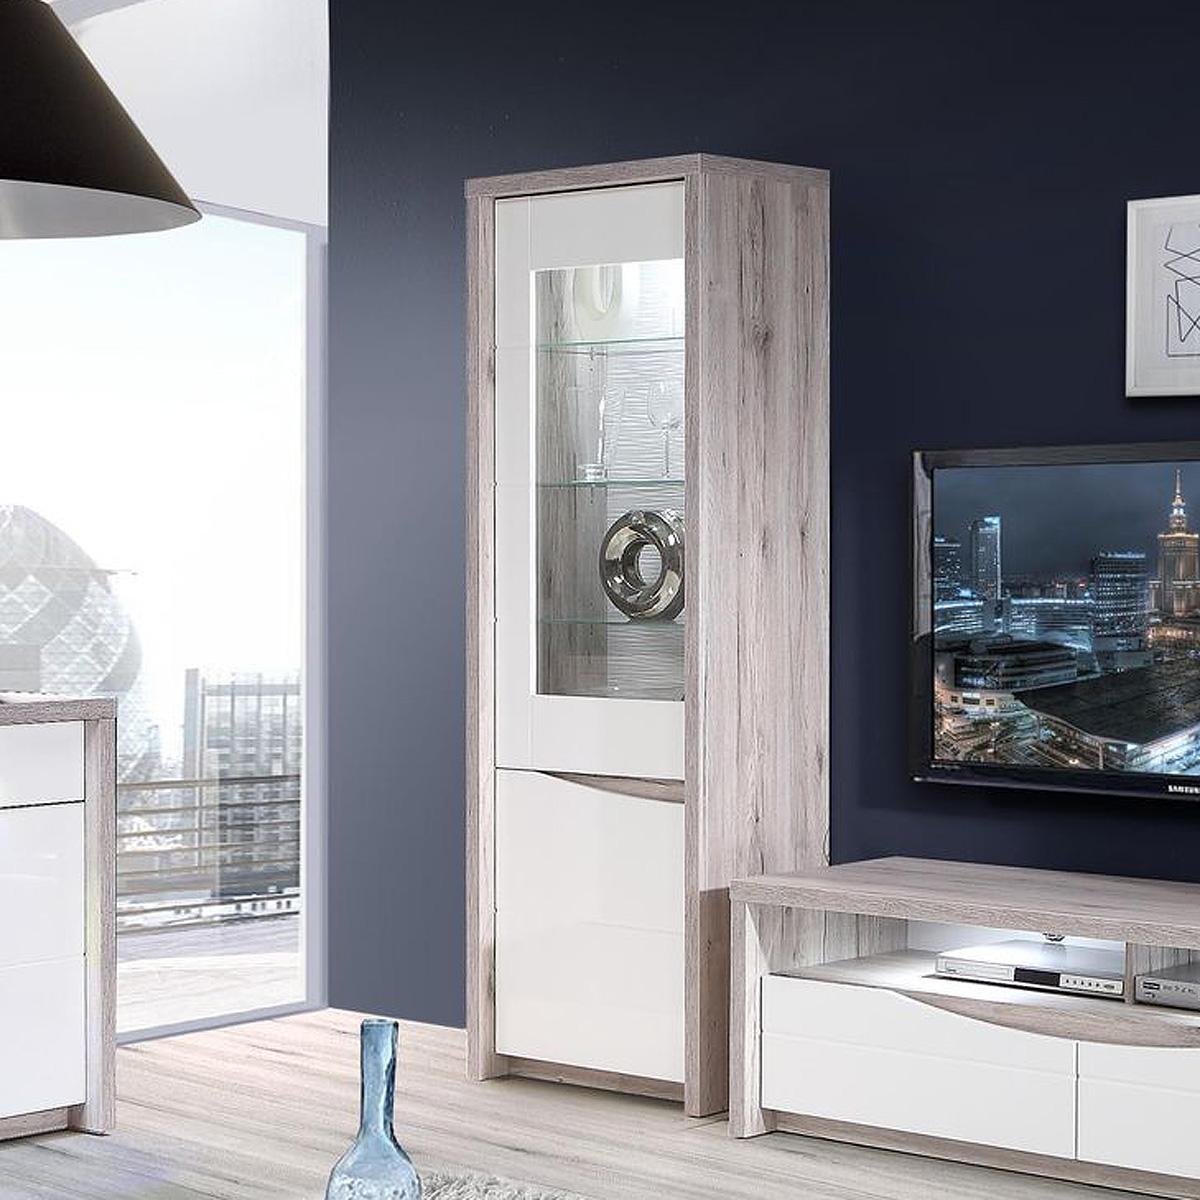 vitrine saint tropez schrank glasvitrine wei hochglanz. Black Bedroom Furniture Sets. Home Design Ideas